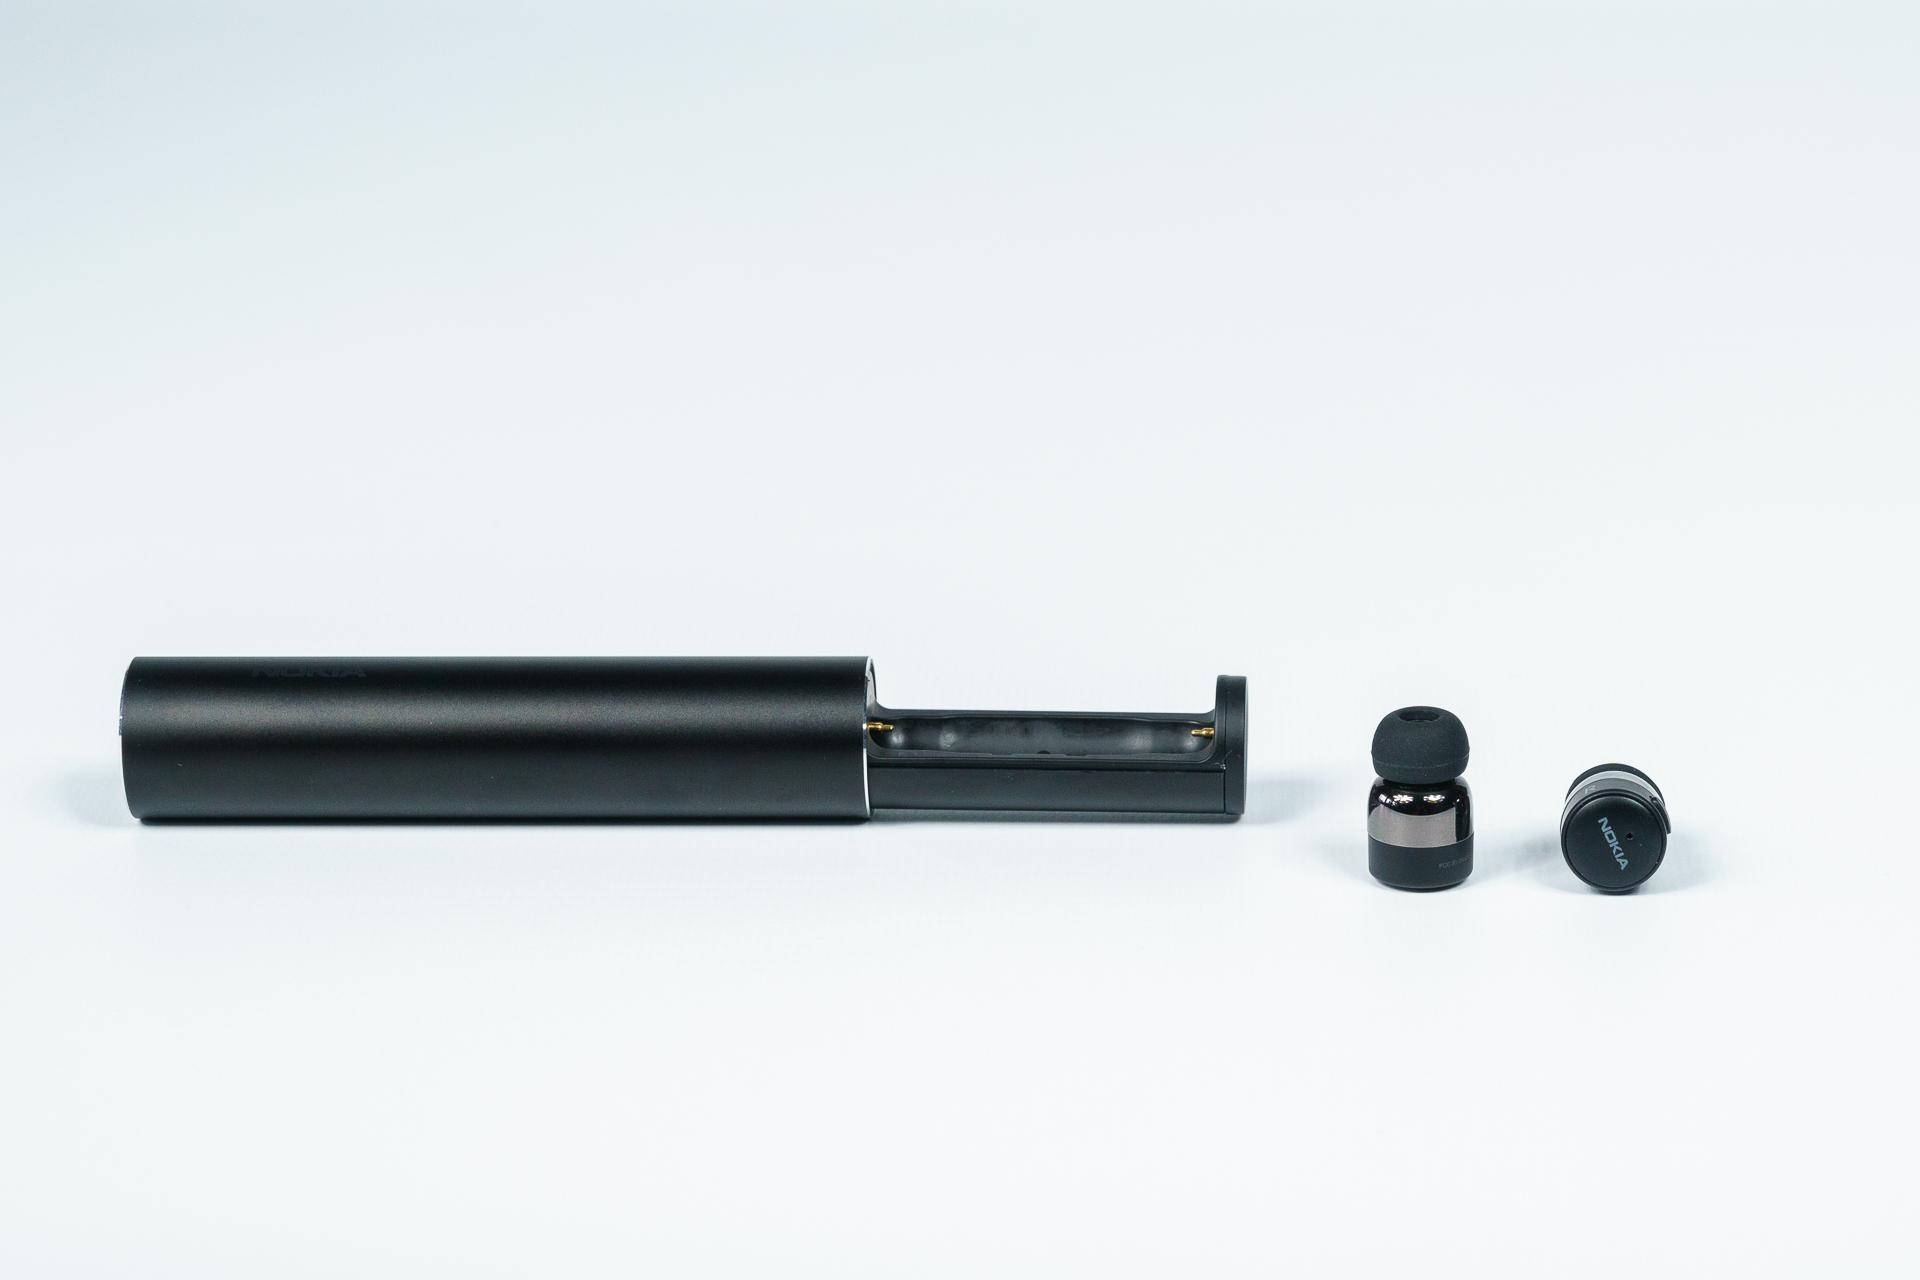 Nokia BH-705 True Wireless Earbuds - prawdziwe maleństwa (recenzja)